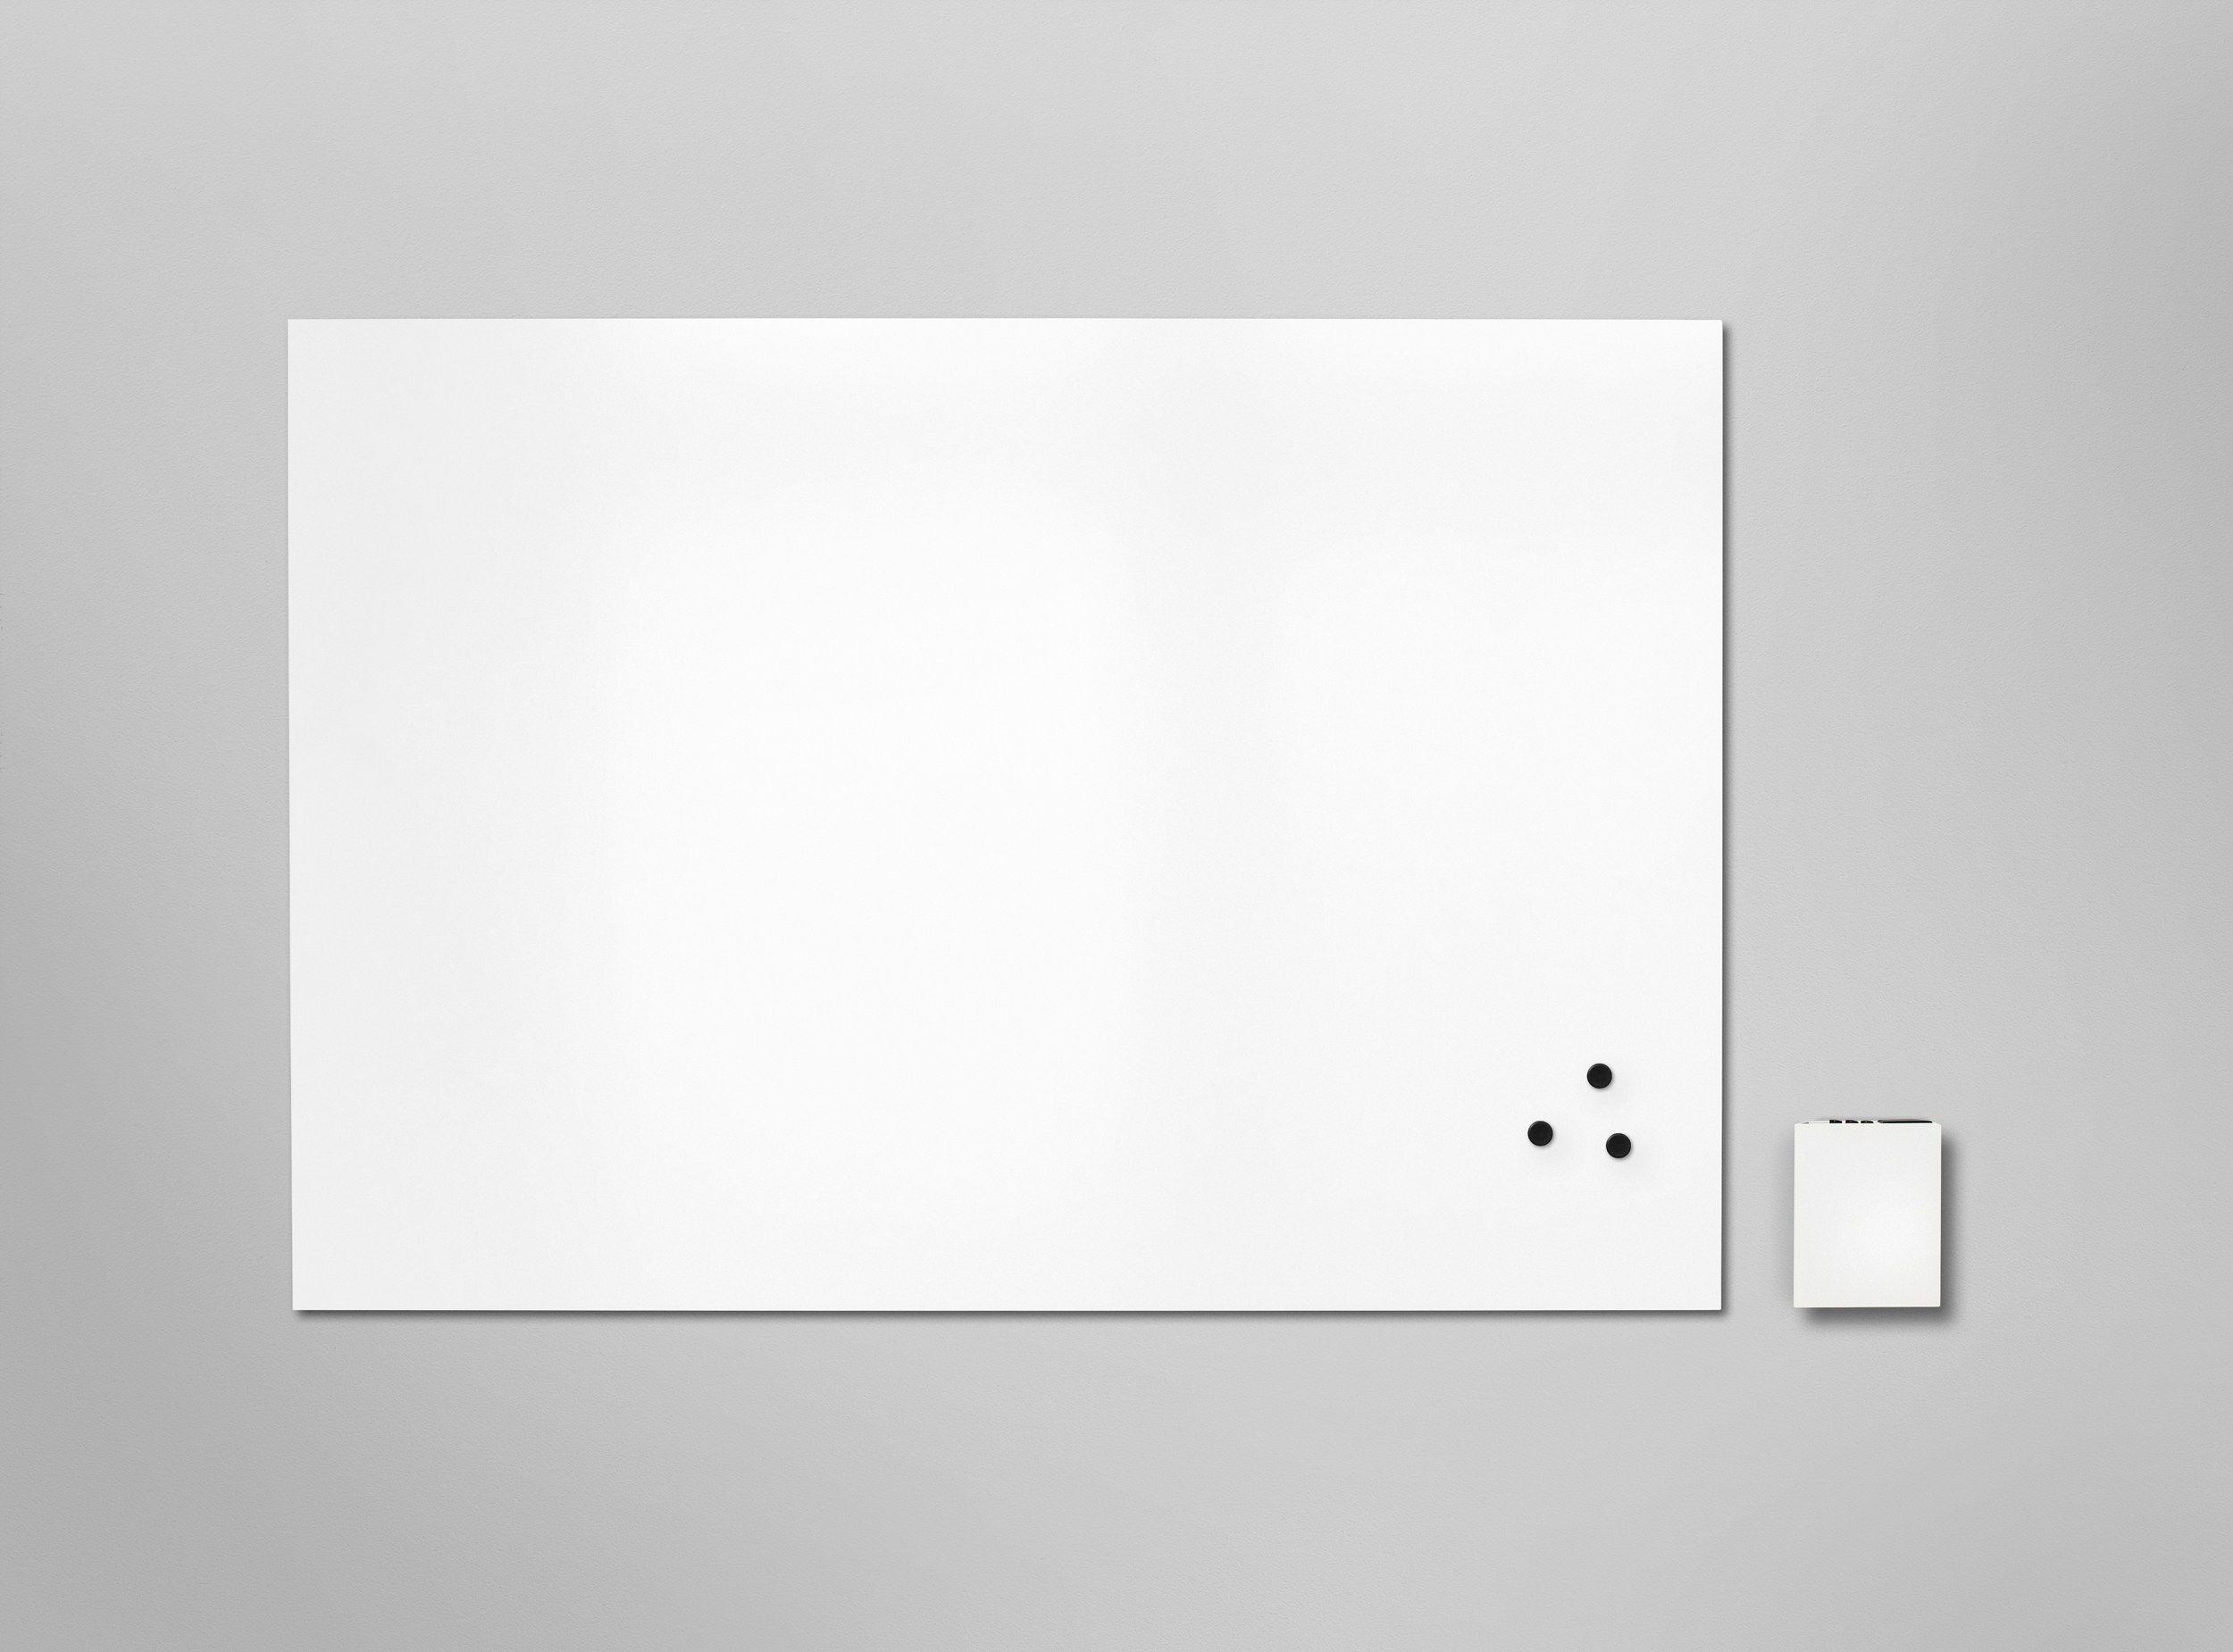 Air Whiteboard By Lintex